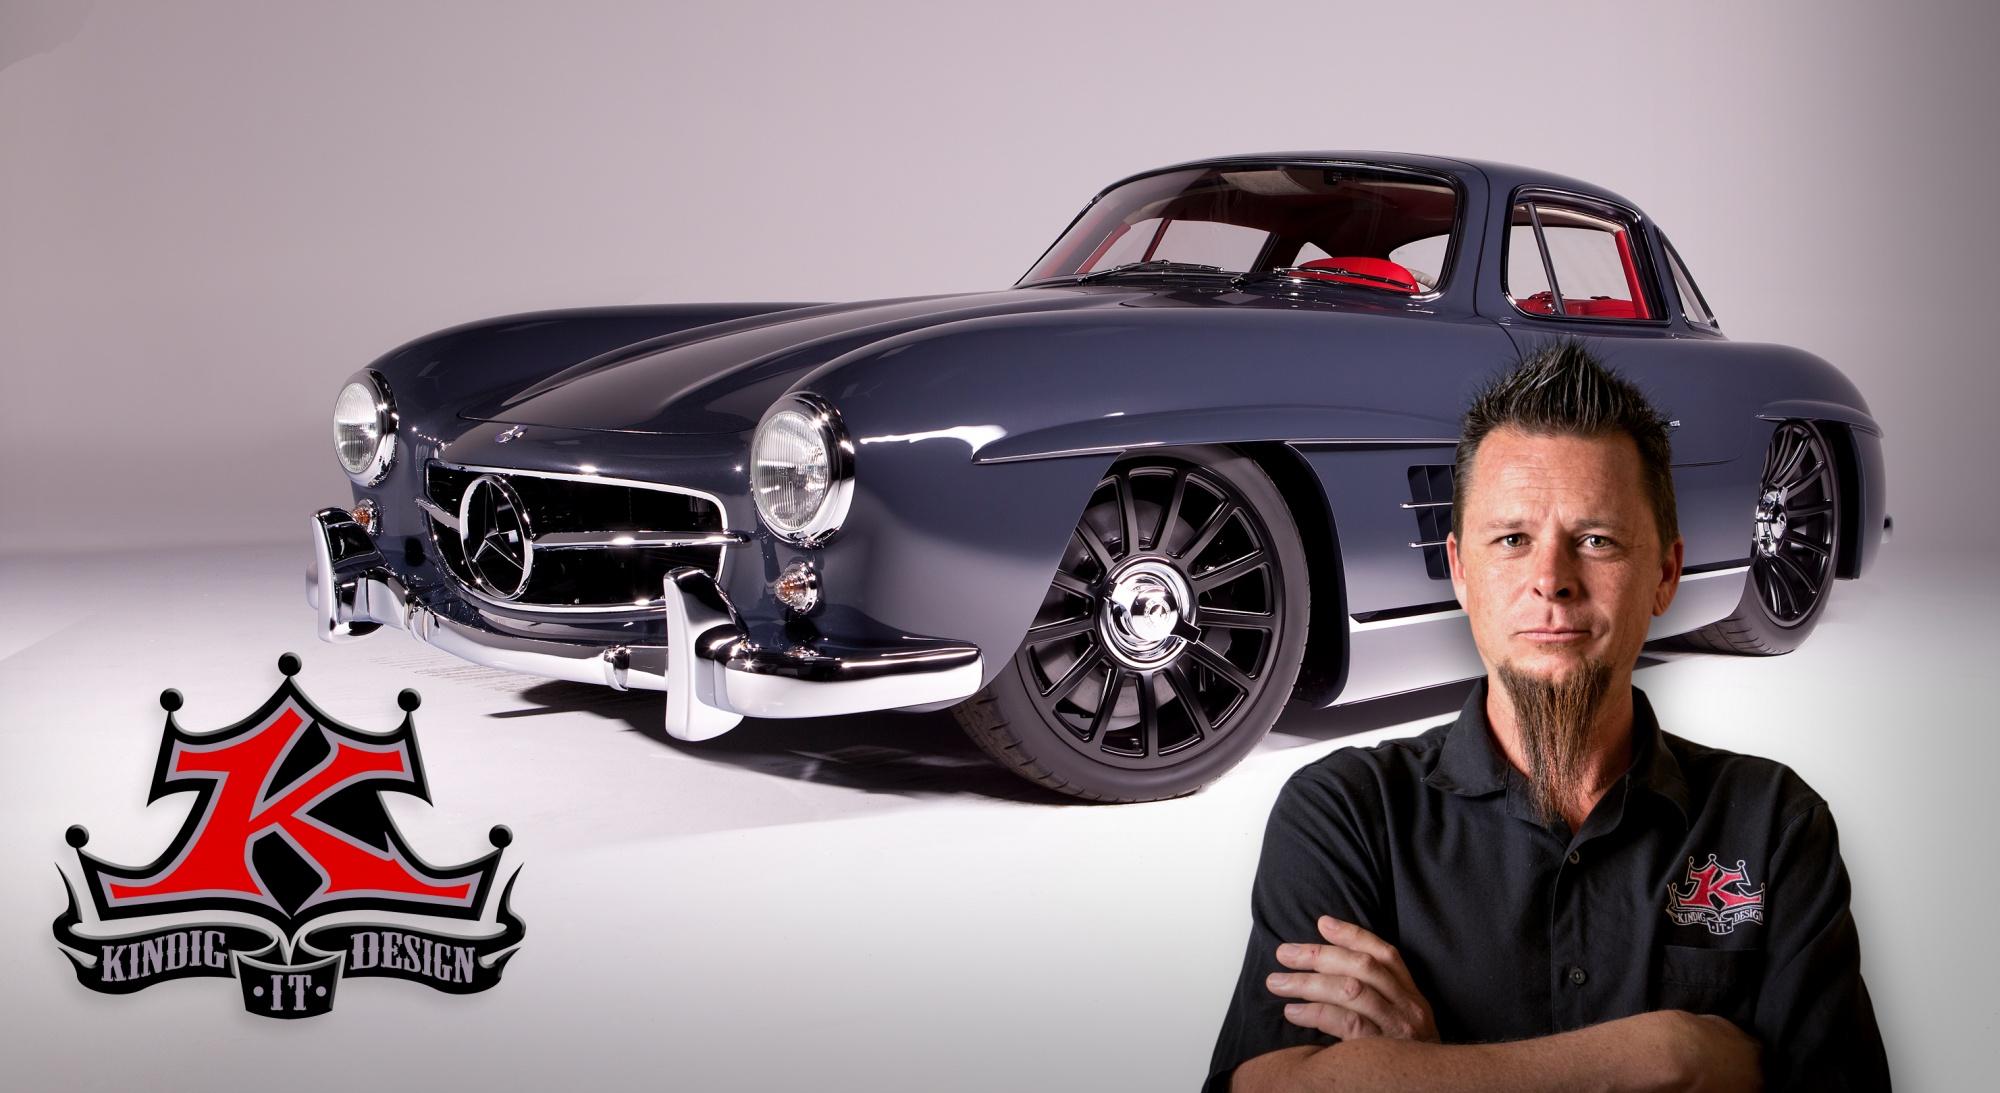 West Coast Customs Cars For Sale >> Riyadh Auction And Salon Global Auto Salon November 21